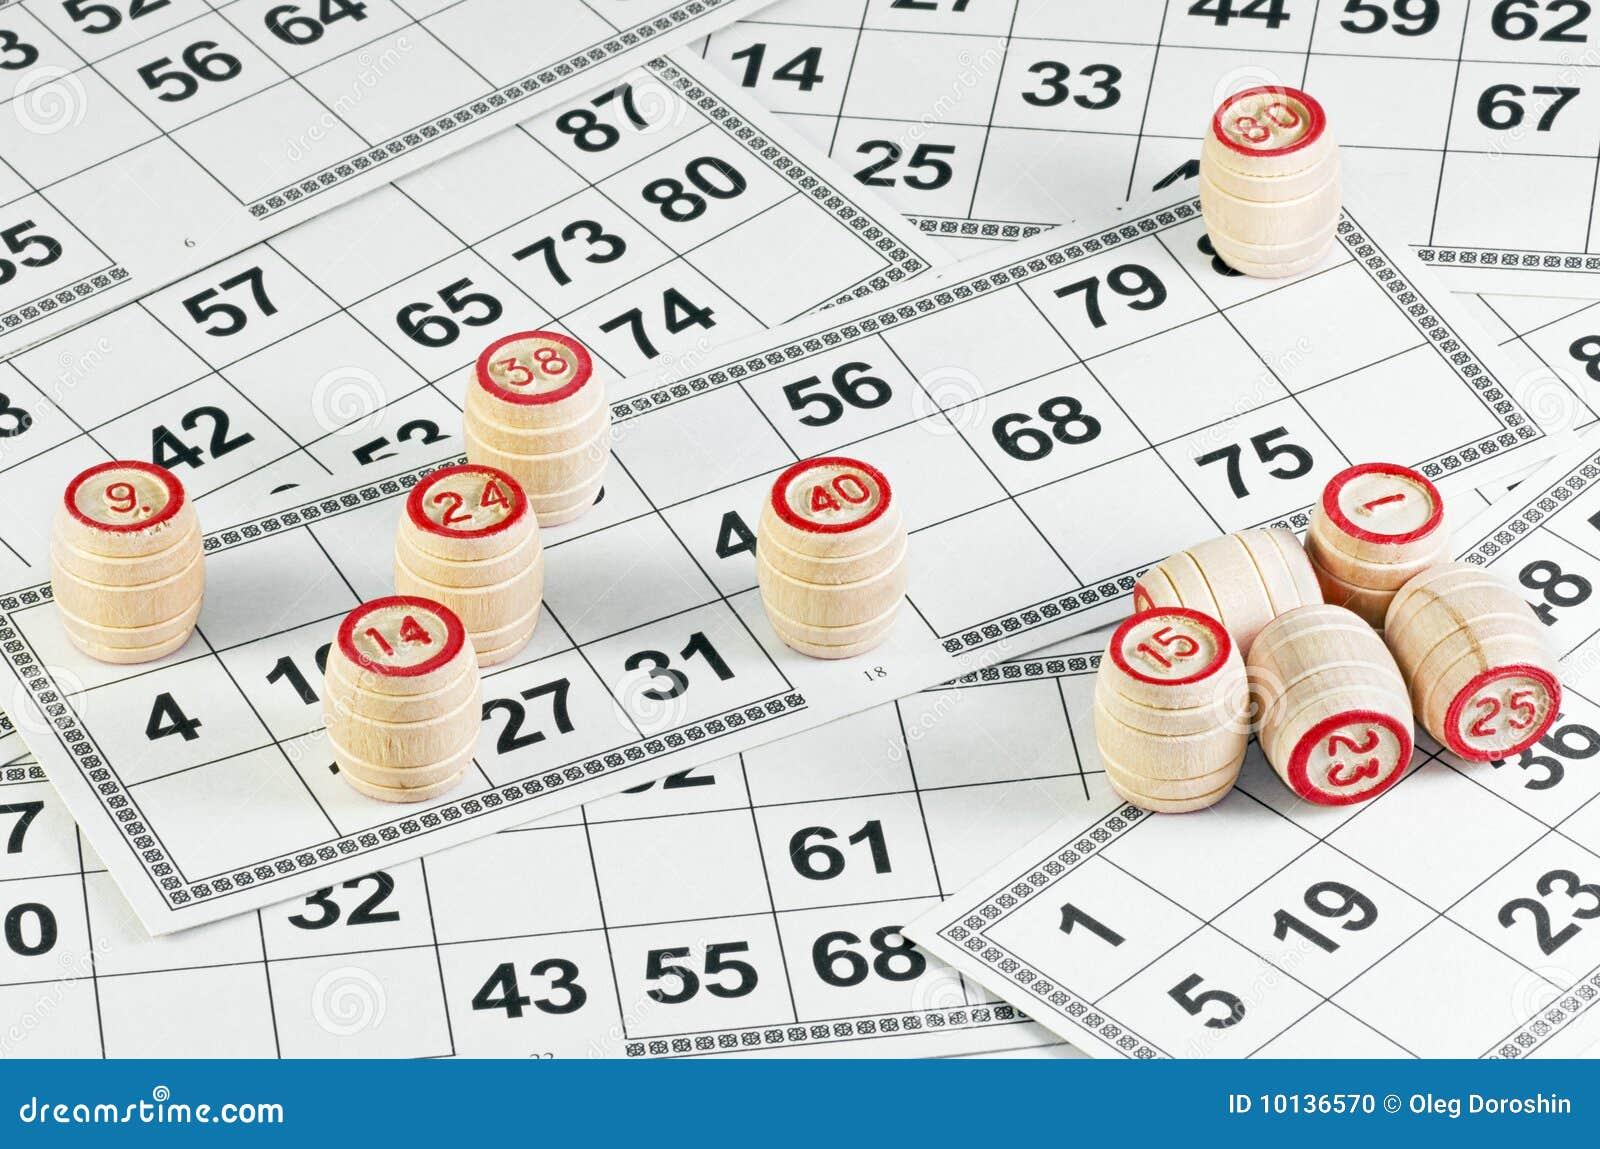 Lottospielen